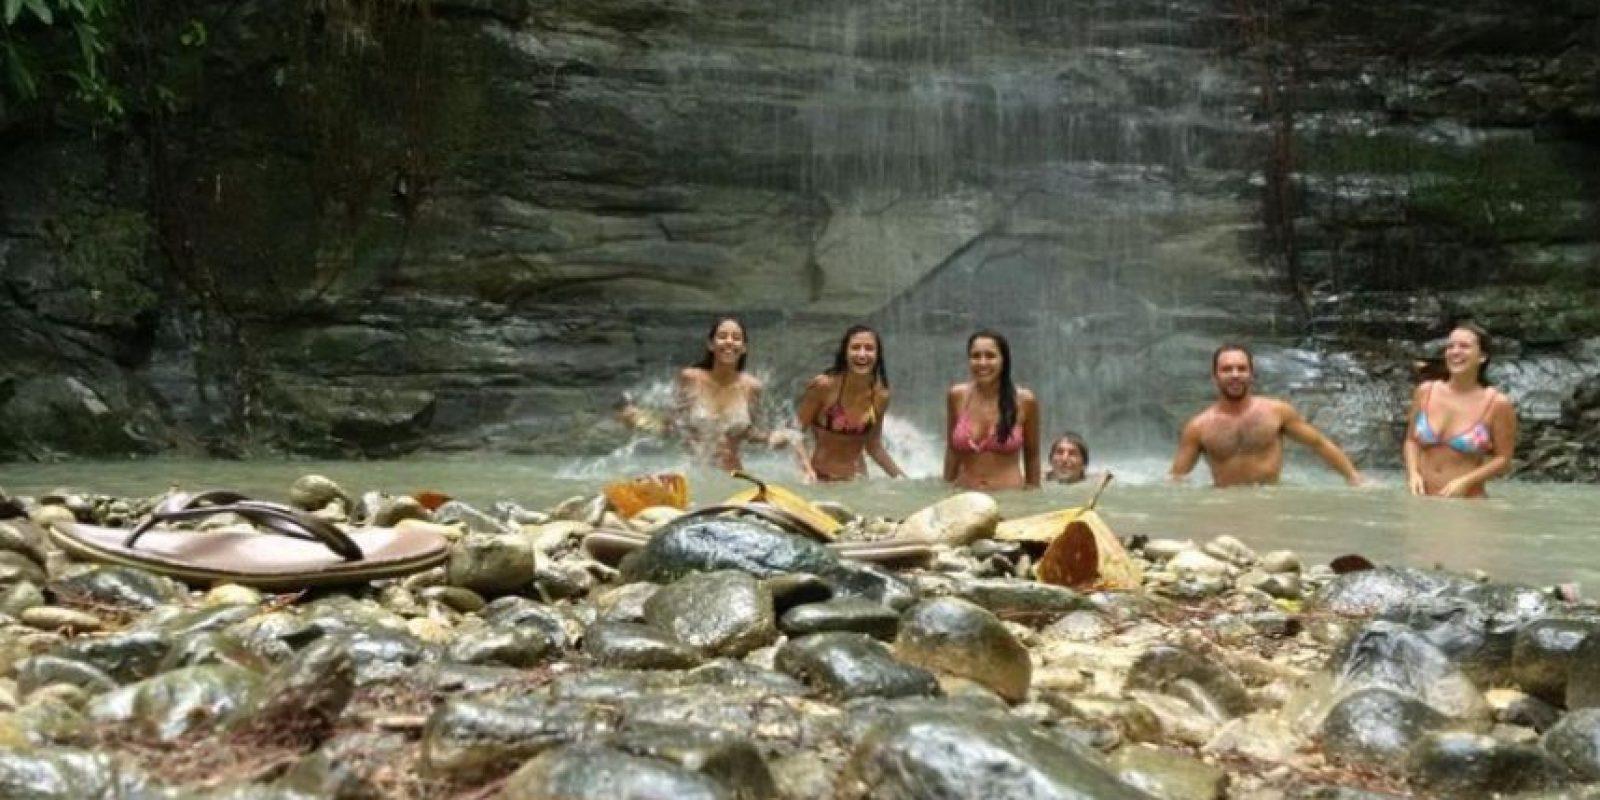 Las jóvenes fueron reportadas con vida por última vez el 22 de febrero pasado. Foto: instagram.com/marina.menegazzo/